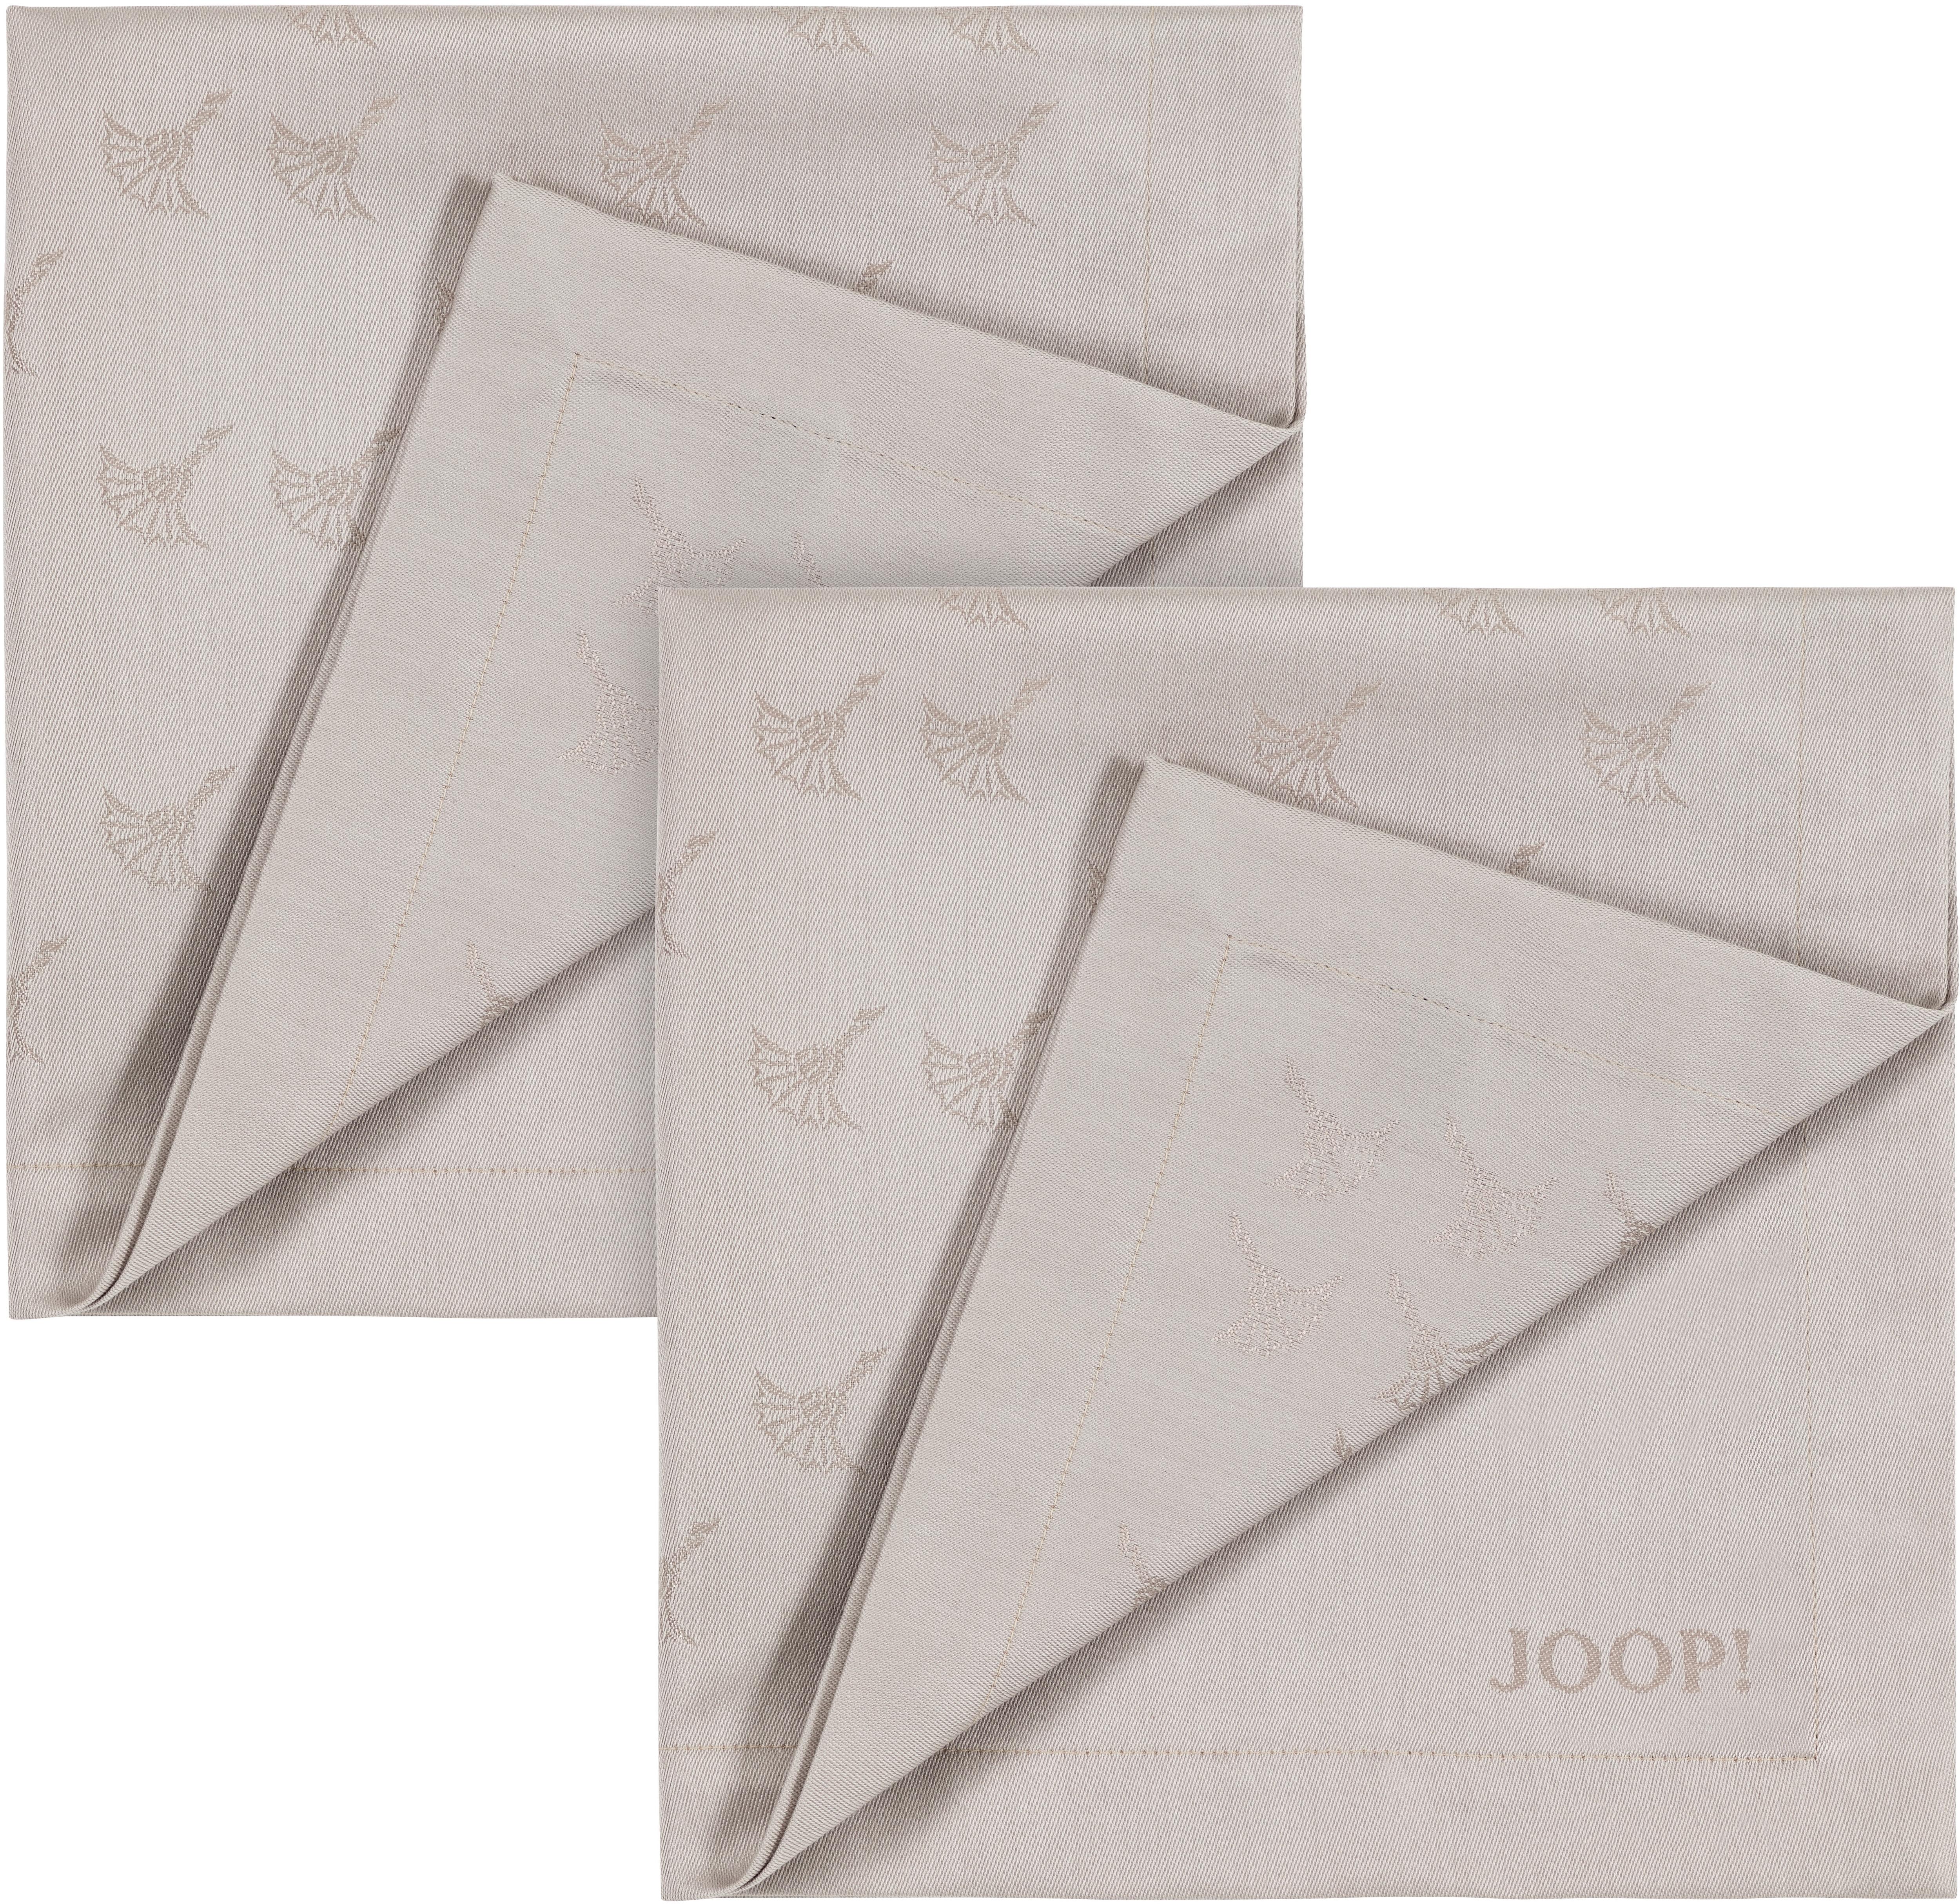 Joop! Joop Stoffserviette FADED CORNFLOWER, (Set, 2 St.), Aus Jacquard-Gewebe gerfertigt mit Kornblumen-Verlauf beige Stoffservietten Tischwäsche